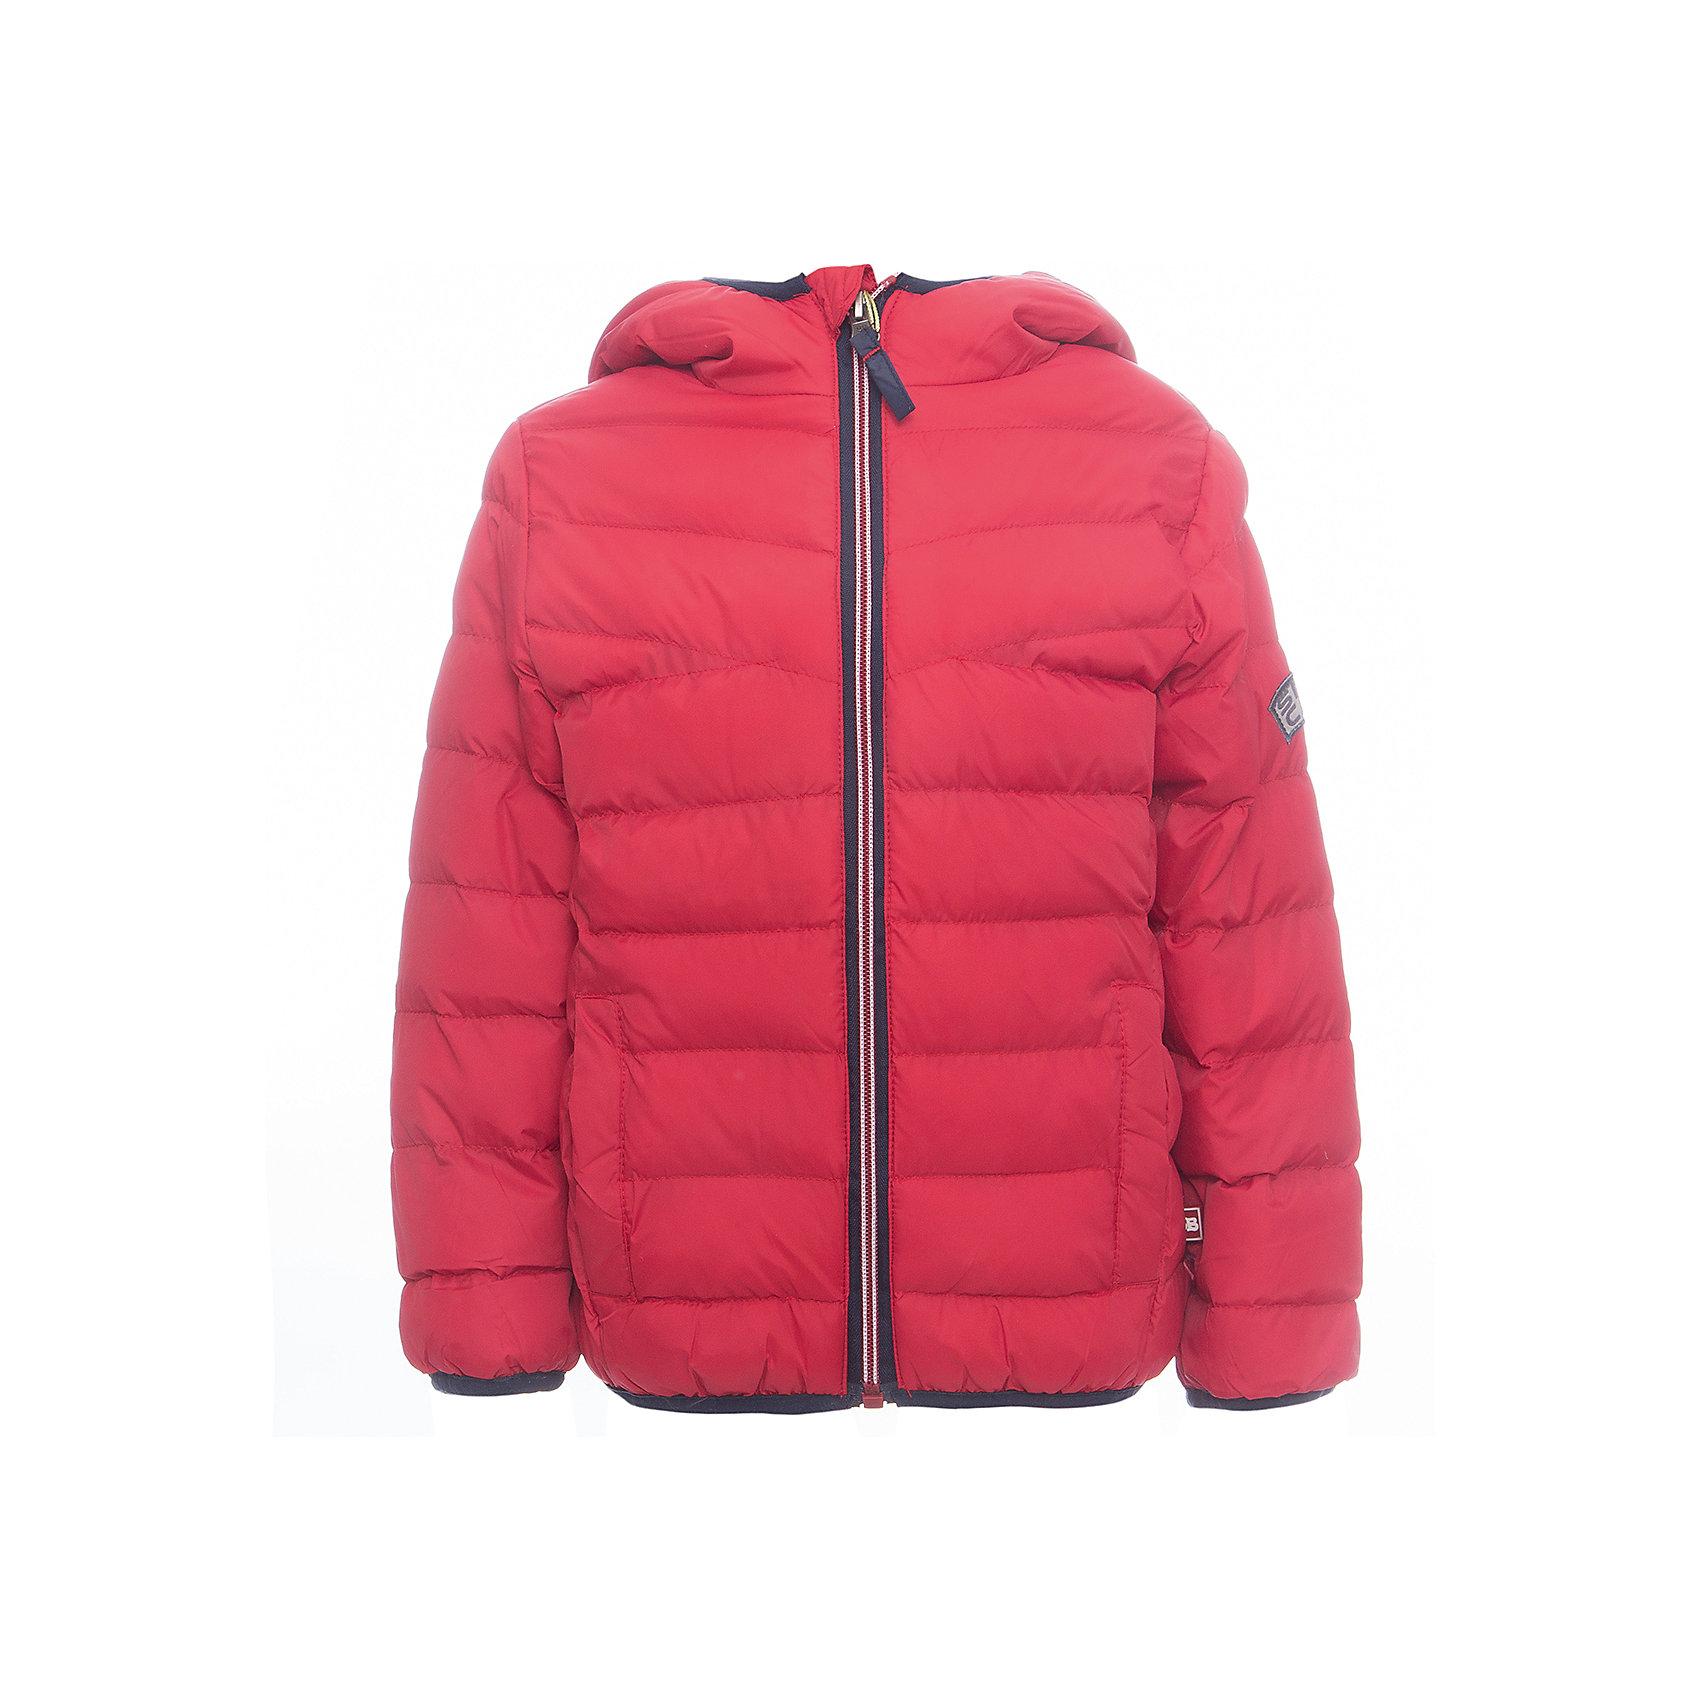 Куртка Sweet Berry для мальчикаВерхняя одежда<br>Куртка Sweet Berry для мальчика<br>Яркая стеганая куртка с несъемным капюшоном для мальчика. Два прорезных кармана. Капюшон, рукава и низ изделия с контрастной окантовочной резинкой. Куртка застегивается на молнию.<br>Состав:<br>Верх: 100% нейлон Подкладка: 100% полиэстер Наполнитель 100% полиэстер<br><br>Ширина мм: 356<br>Глубина мм: 10<br>Высота мм: 245<br>Вес г: 519<br>Цвет: красный<br>Возраст от месяцев: 84<br>Возраст до месяцев: 96<br>Пол: Мужской<br>Возраст: Детский<br>Размер: 128,98,104,110,122,116<br>SKU: 7094608